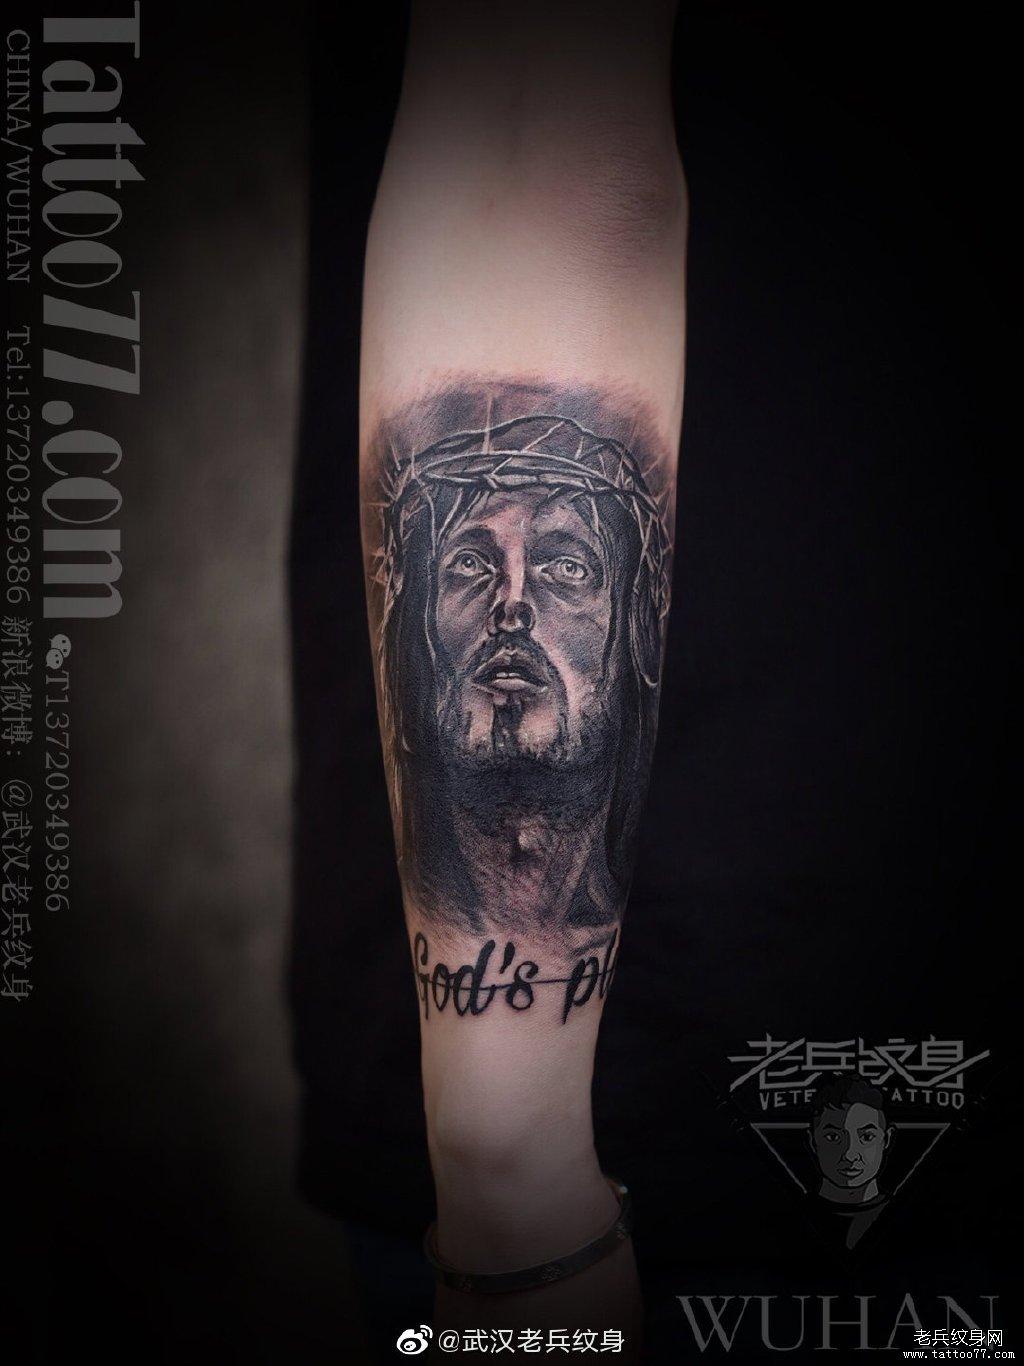 小手臂耶稣肖像纹身作品